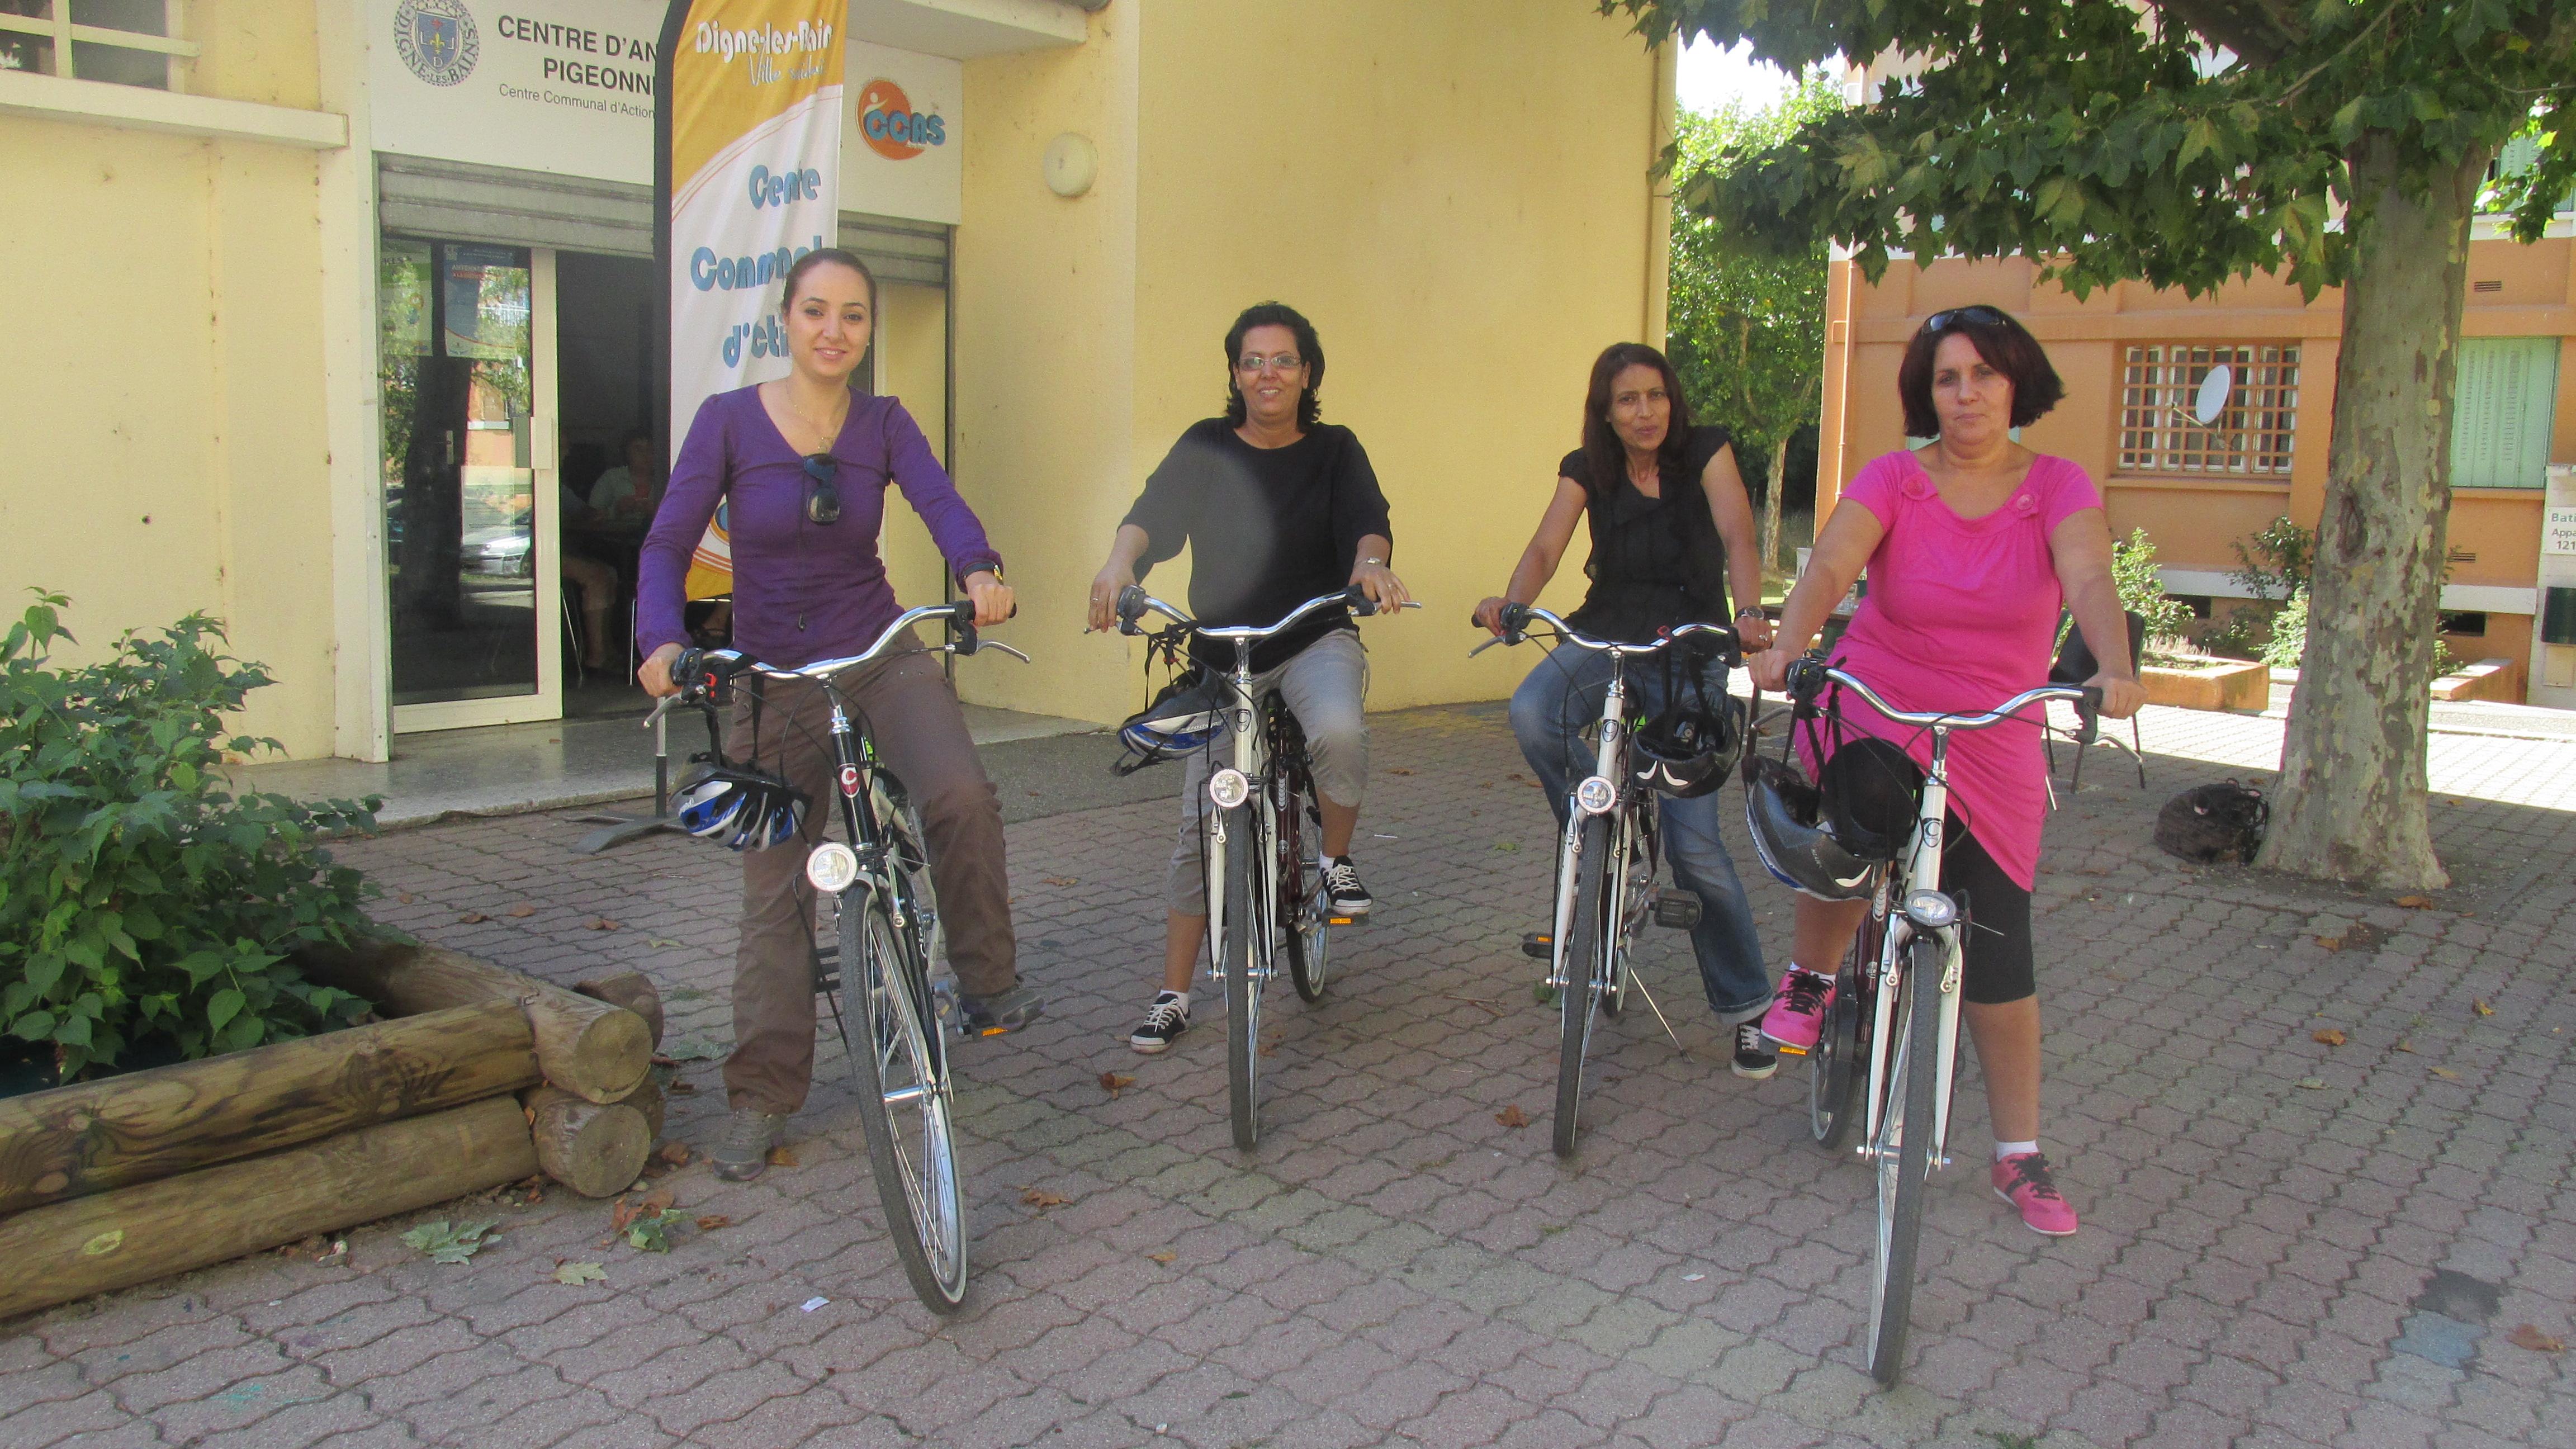 Beau succès du vélo-école pour les femmes à Digne